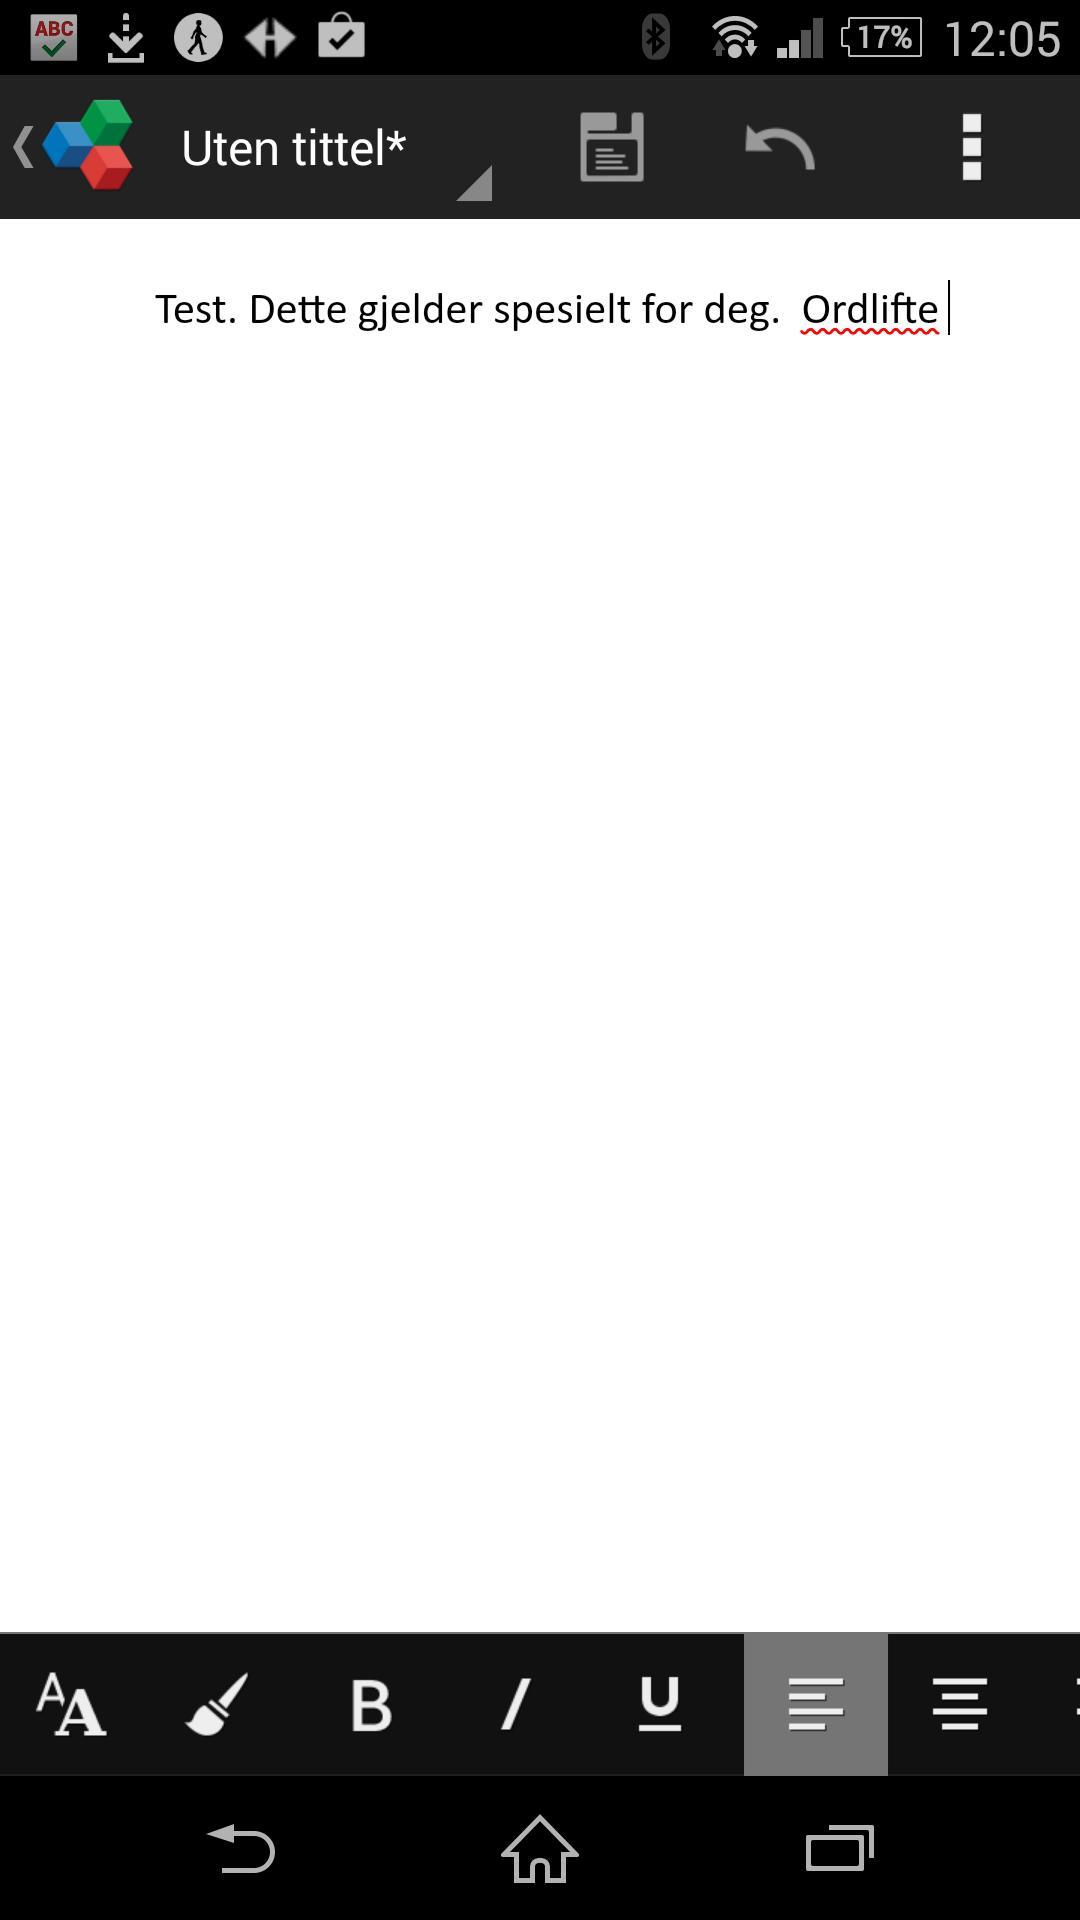 Premiumversjonen gir deg stavekontroll i OfficeSuite 7.